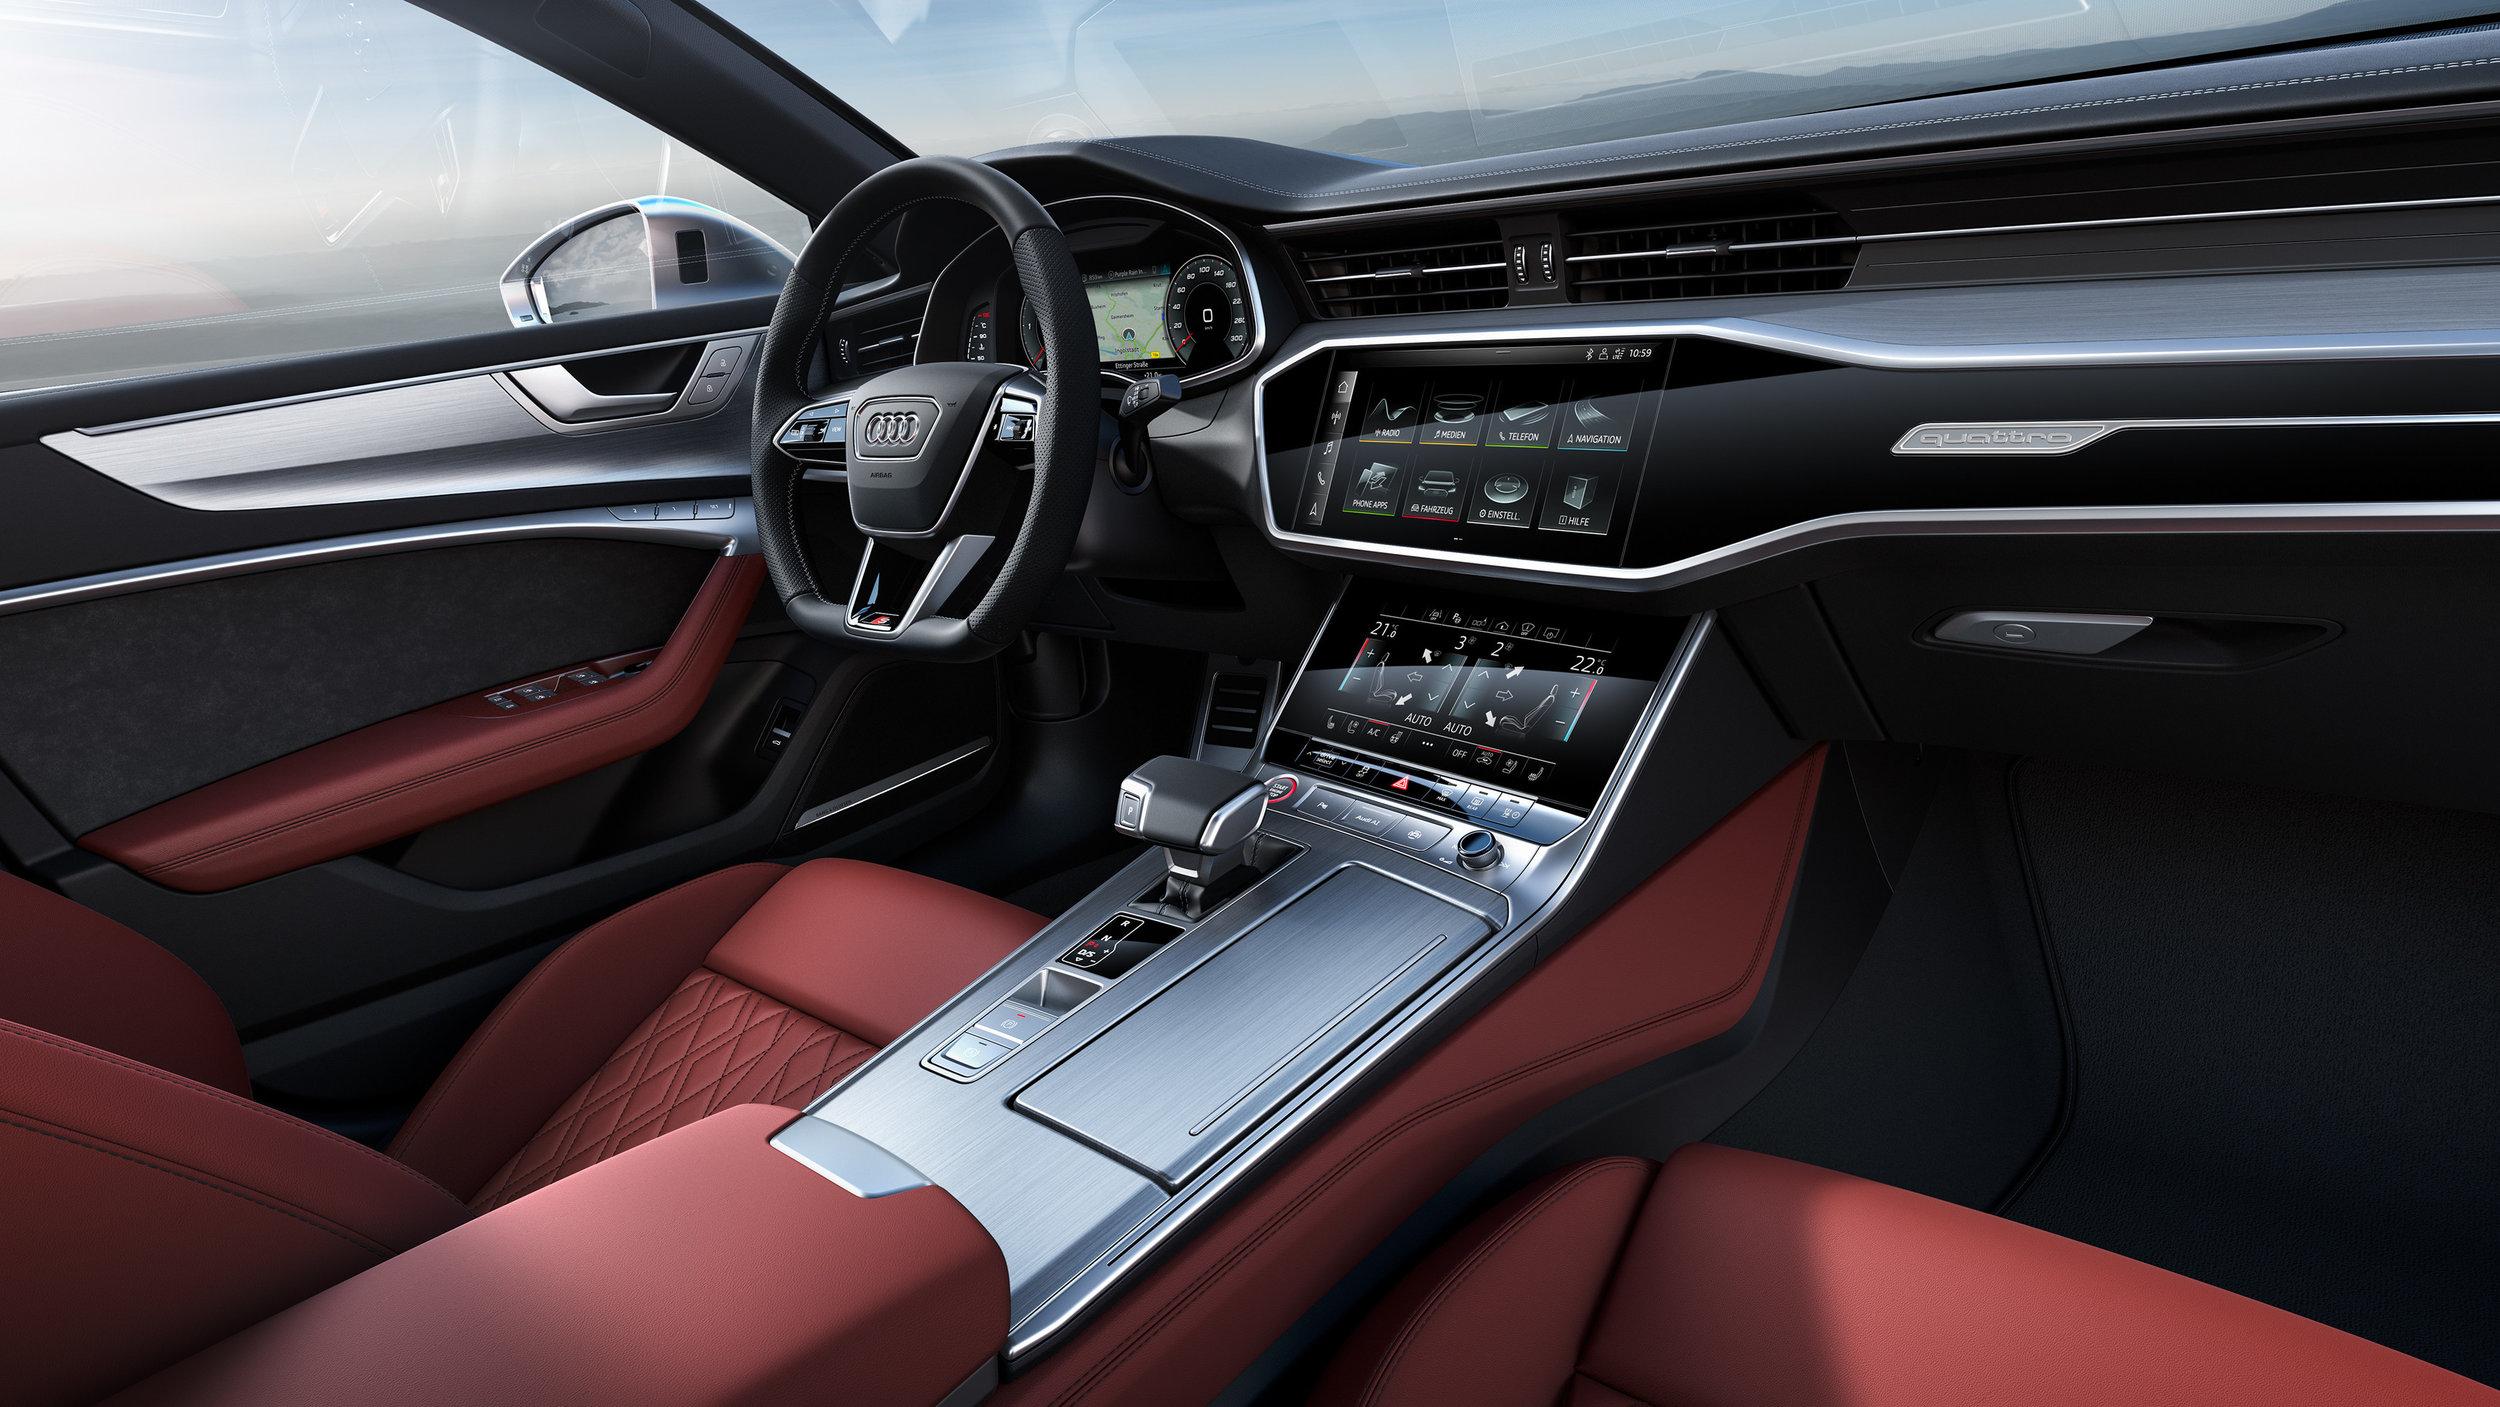 © Audi S7 Interior